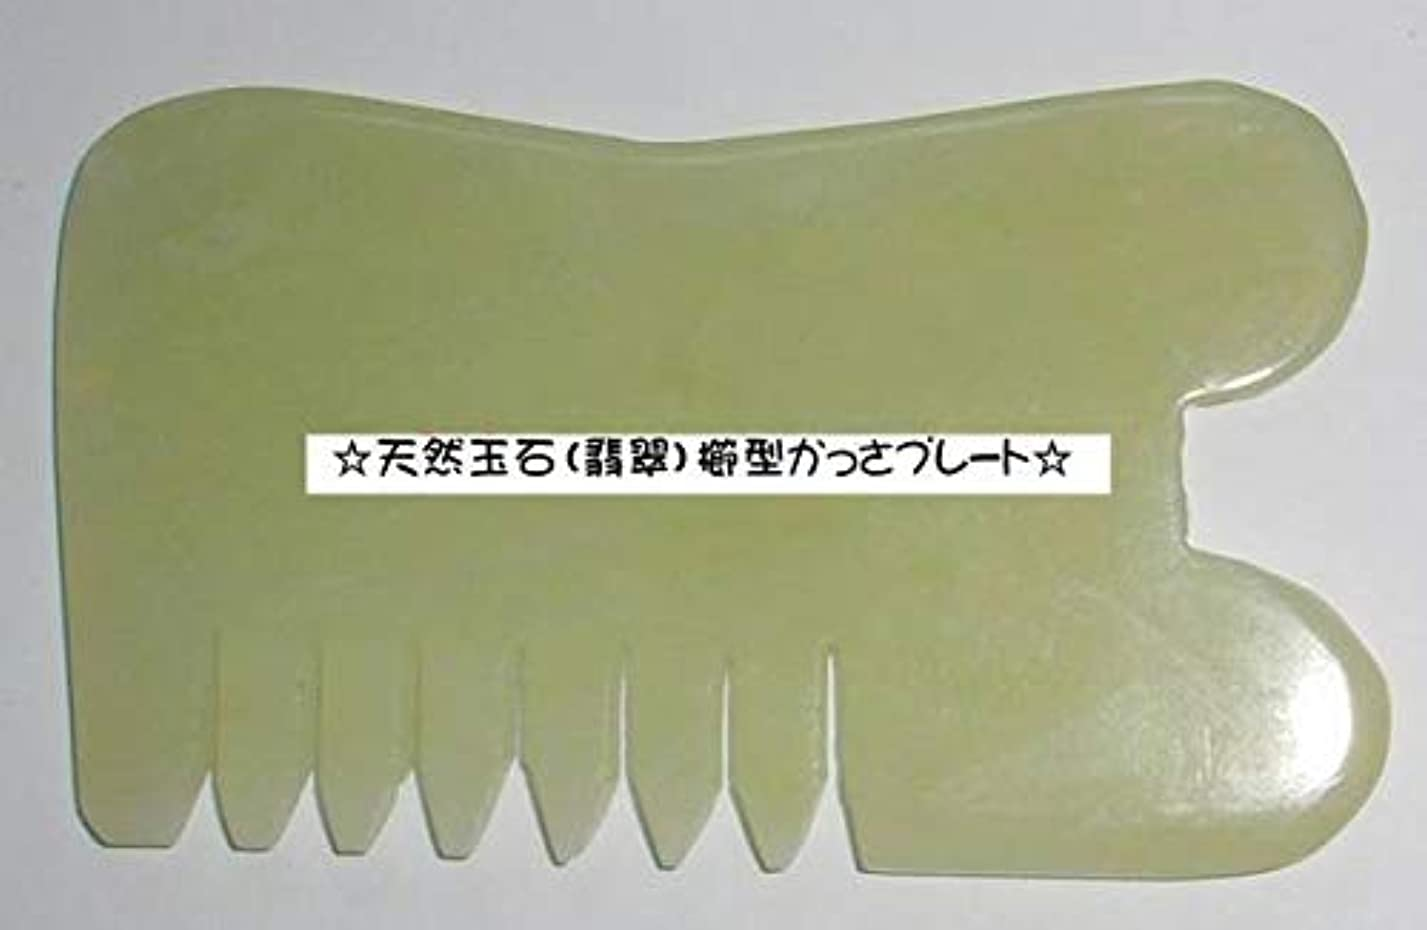 単位決定単位カッサ 天然石 櫛型?かっさ板 プレート 緑